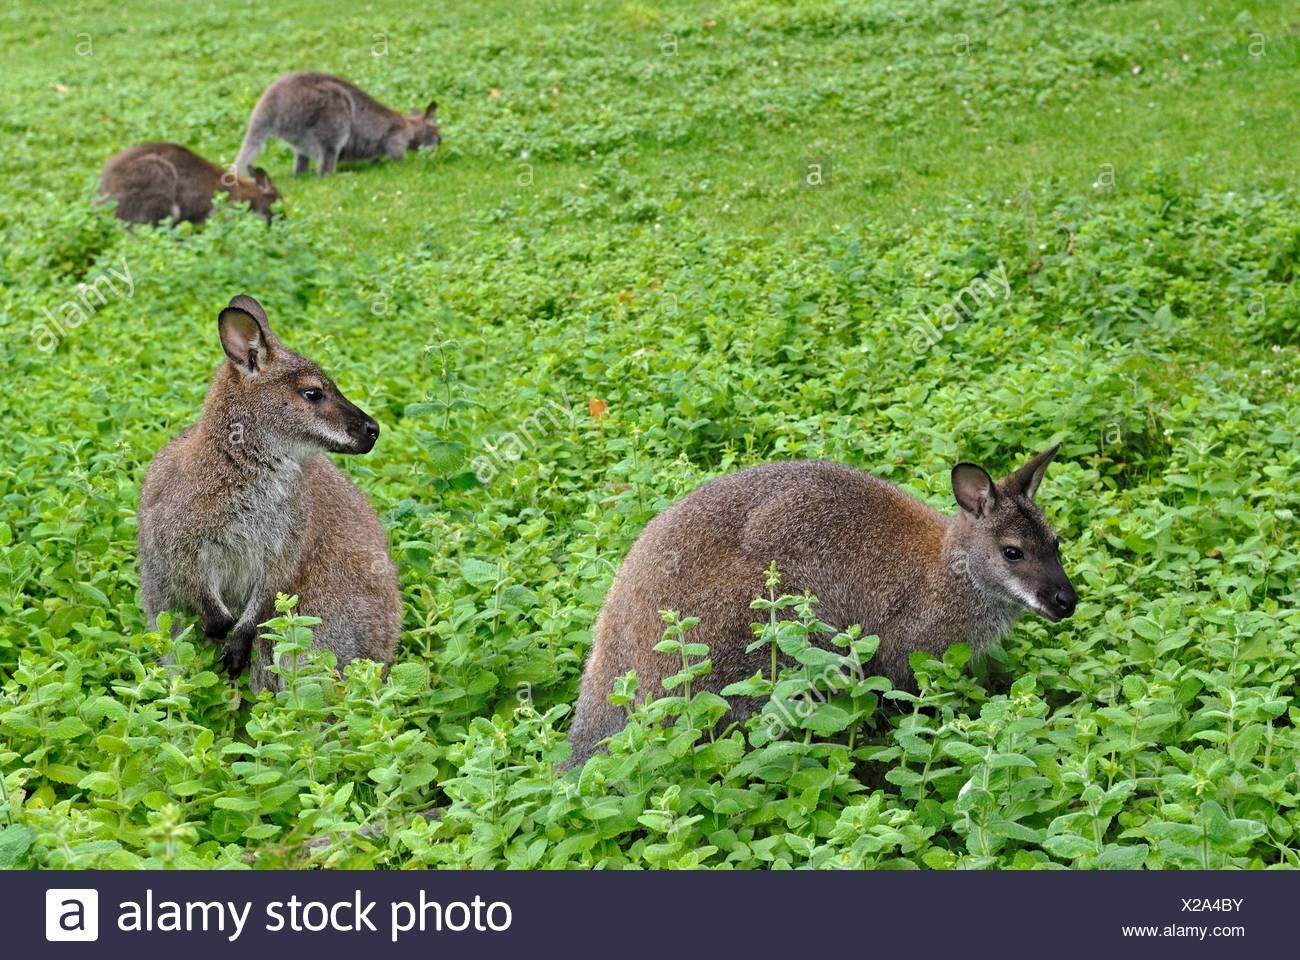 Rosso-un wallaby dal collo (Macropus rufogriseus) nel Parco del Chateau de Sauvage, Emance, Yvelines reparto, regione Ile-de-France, Francia, Europa. Immagini Stock